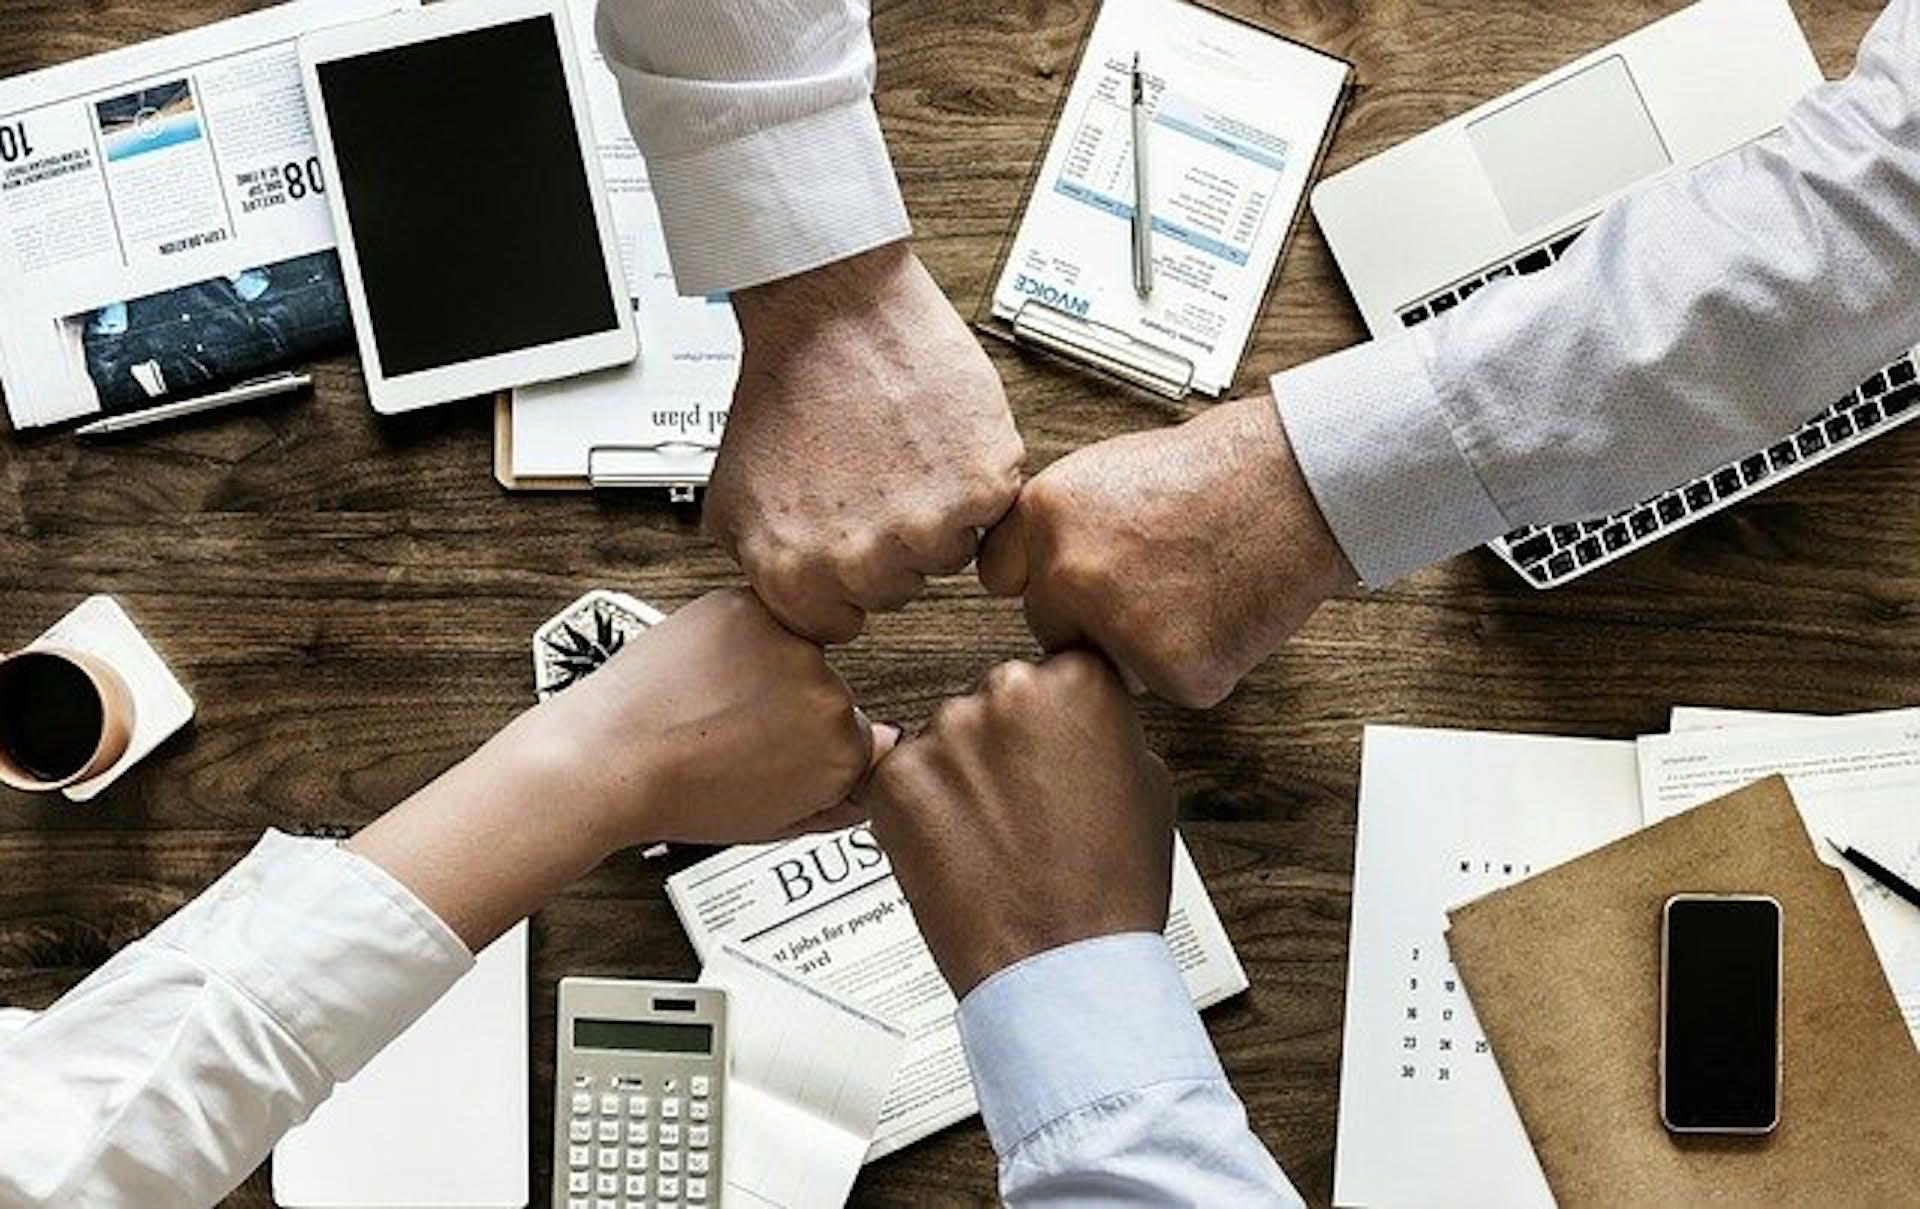 ¿Cómo hacer una lluvia de ideas? Consejos para materializar proyectos con tu equipo de trabajo